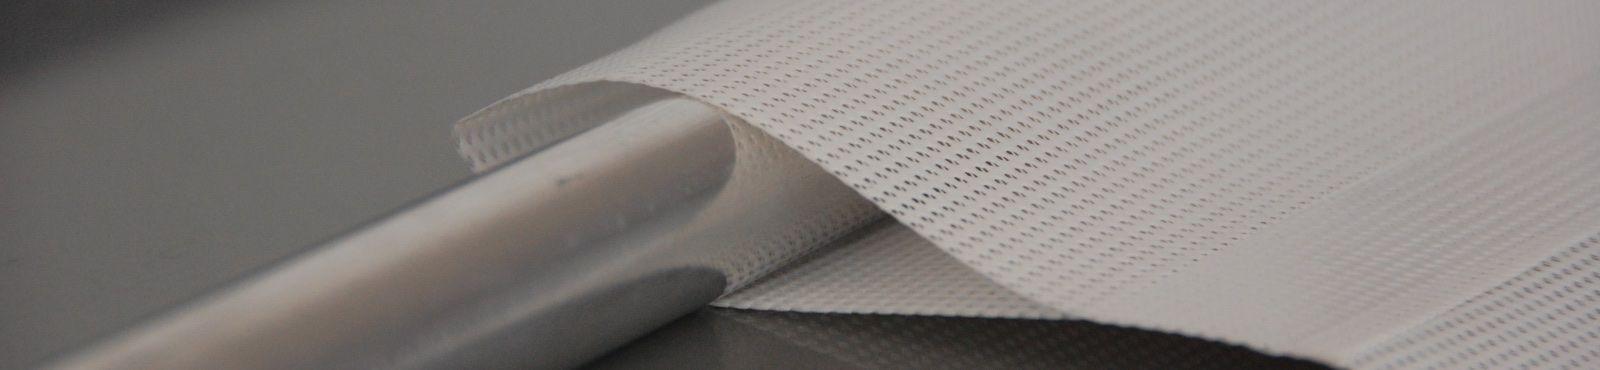 Stampa su rete mesh con asola